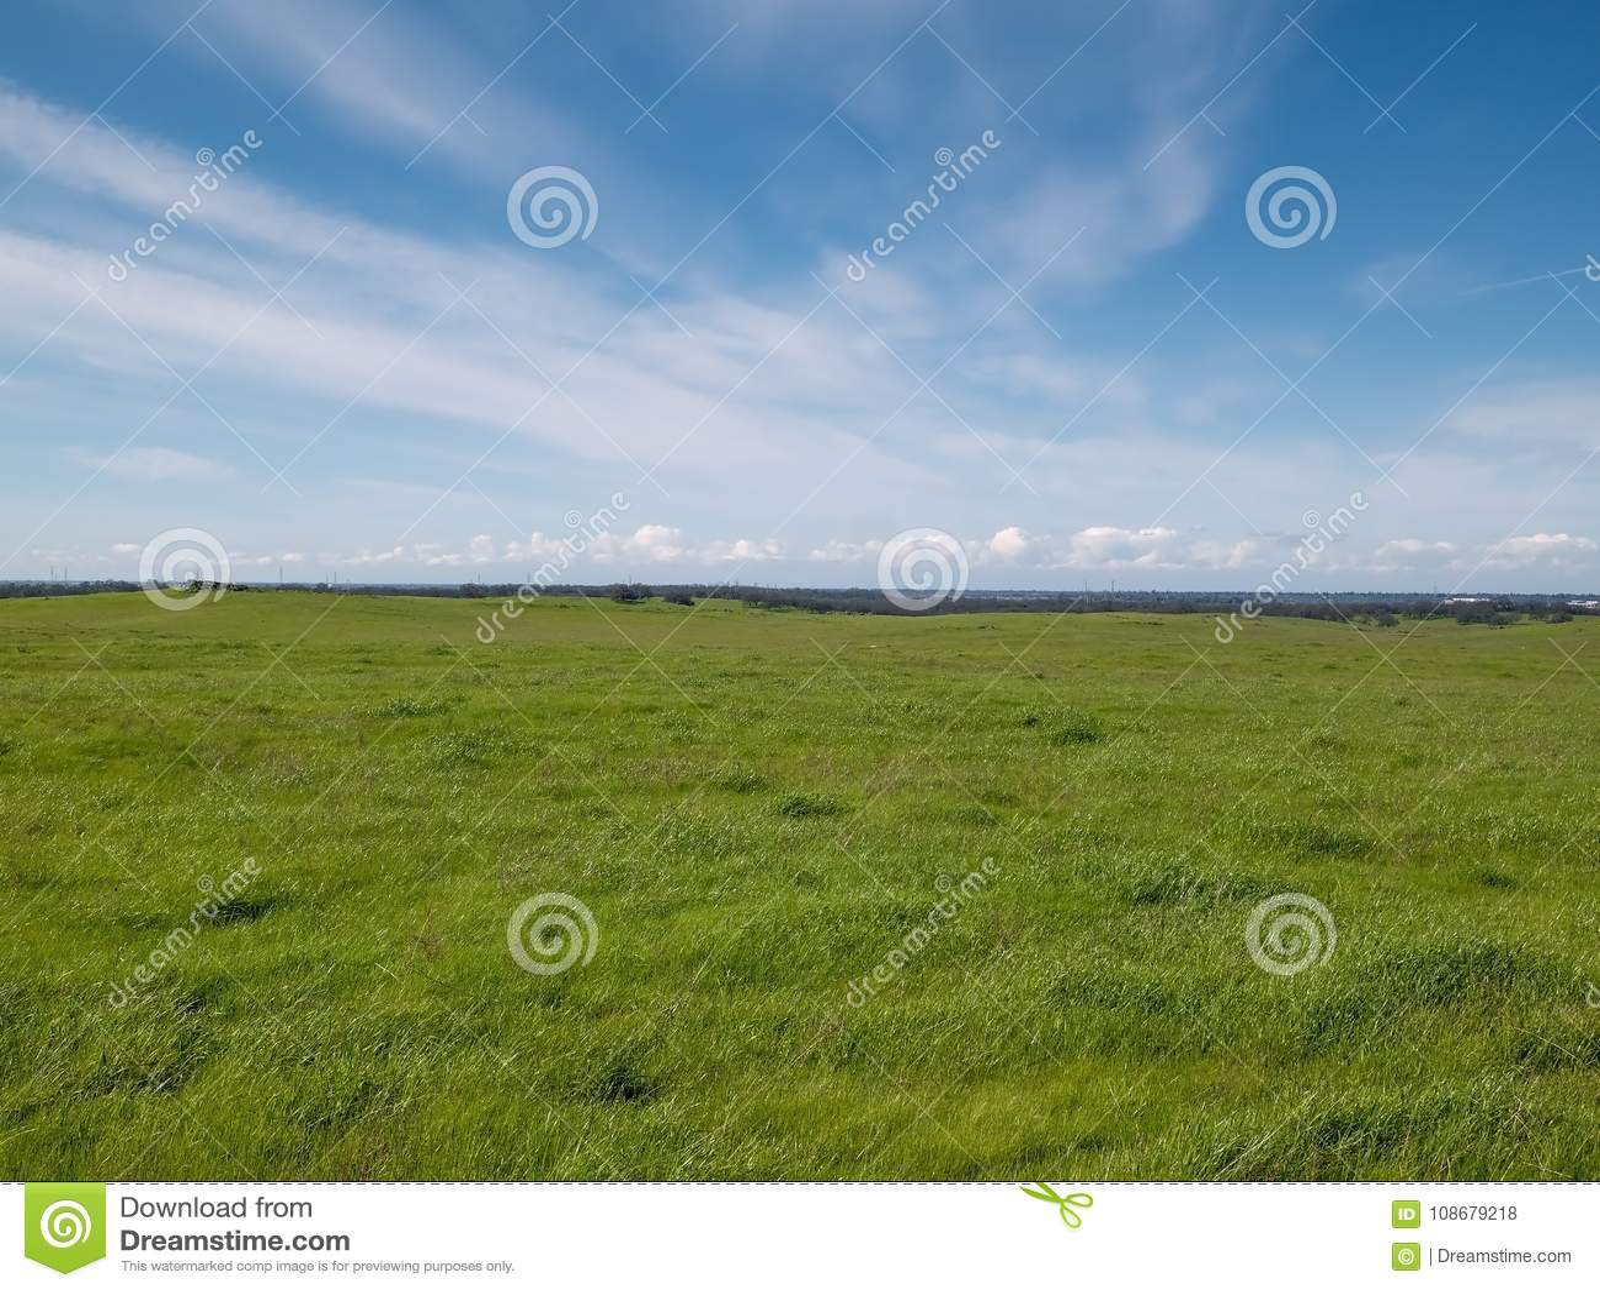 Folsom Ranch Winter Sky Blue